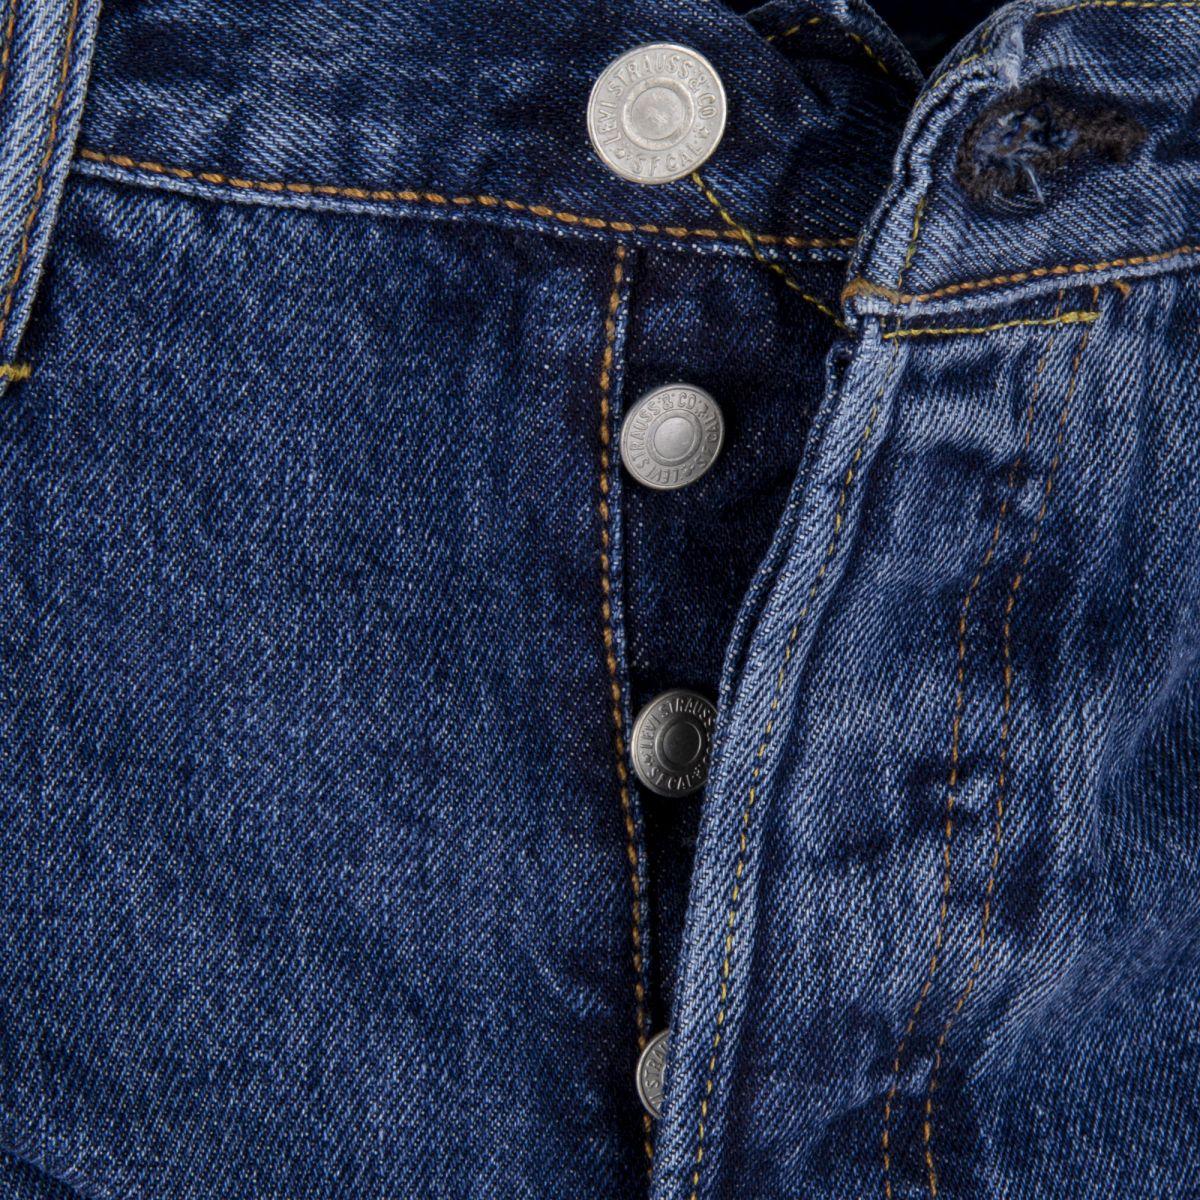 5023a91ff90098 ... Jean bleu homme 501 Original fit LEVIS marque pas cher prix dégriffés  destockage ...